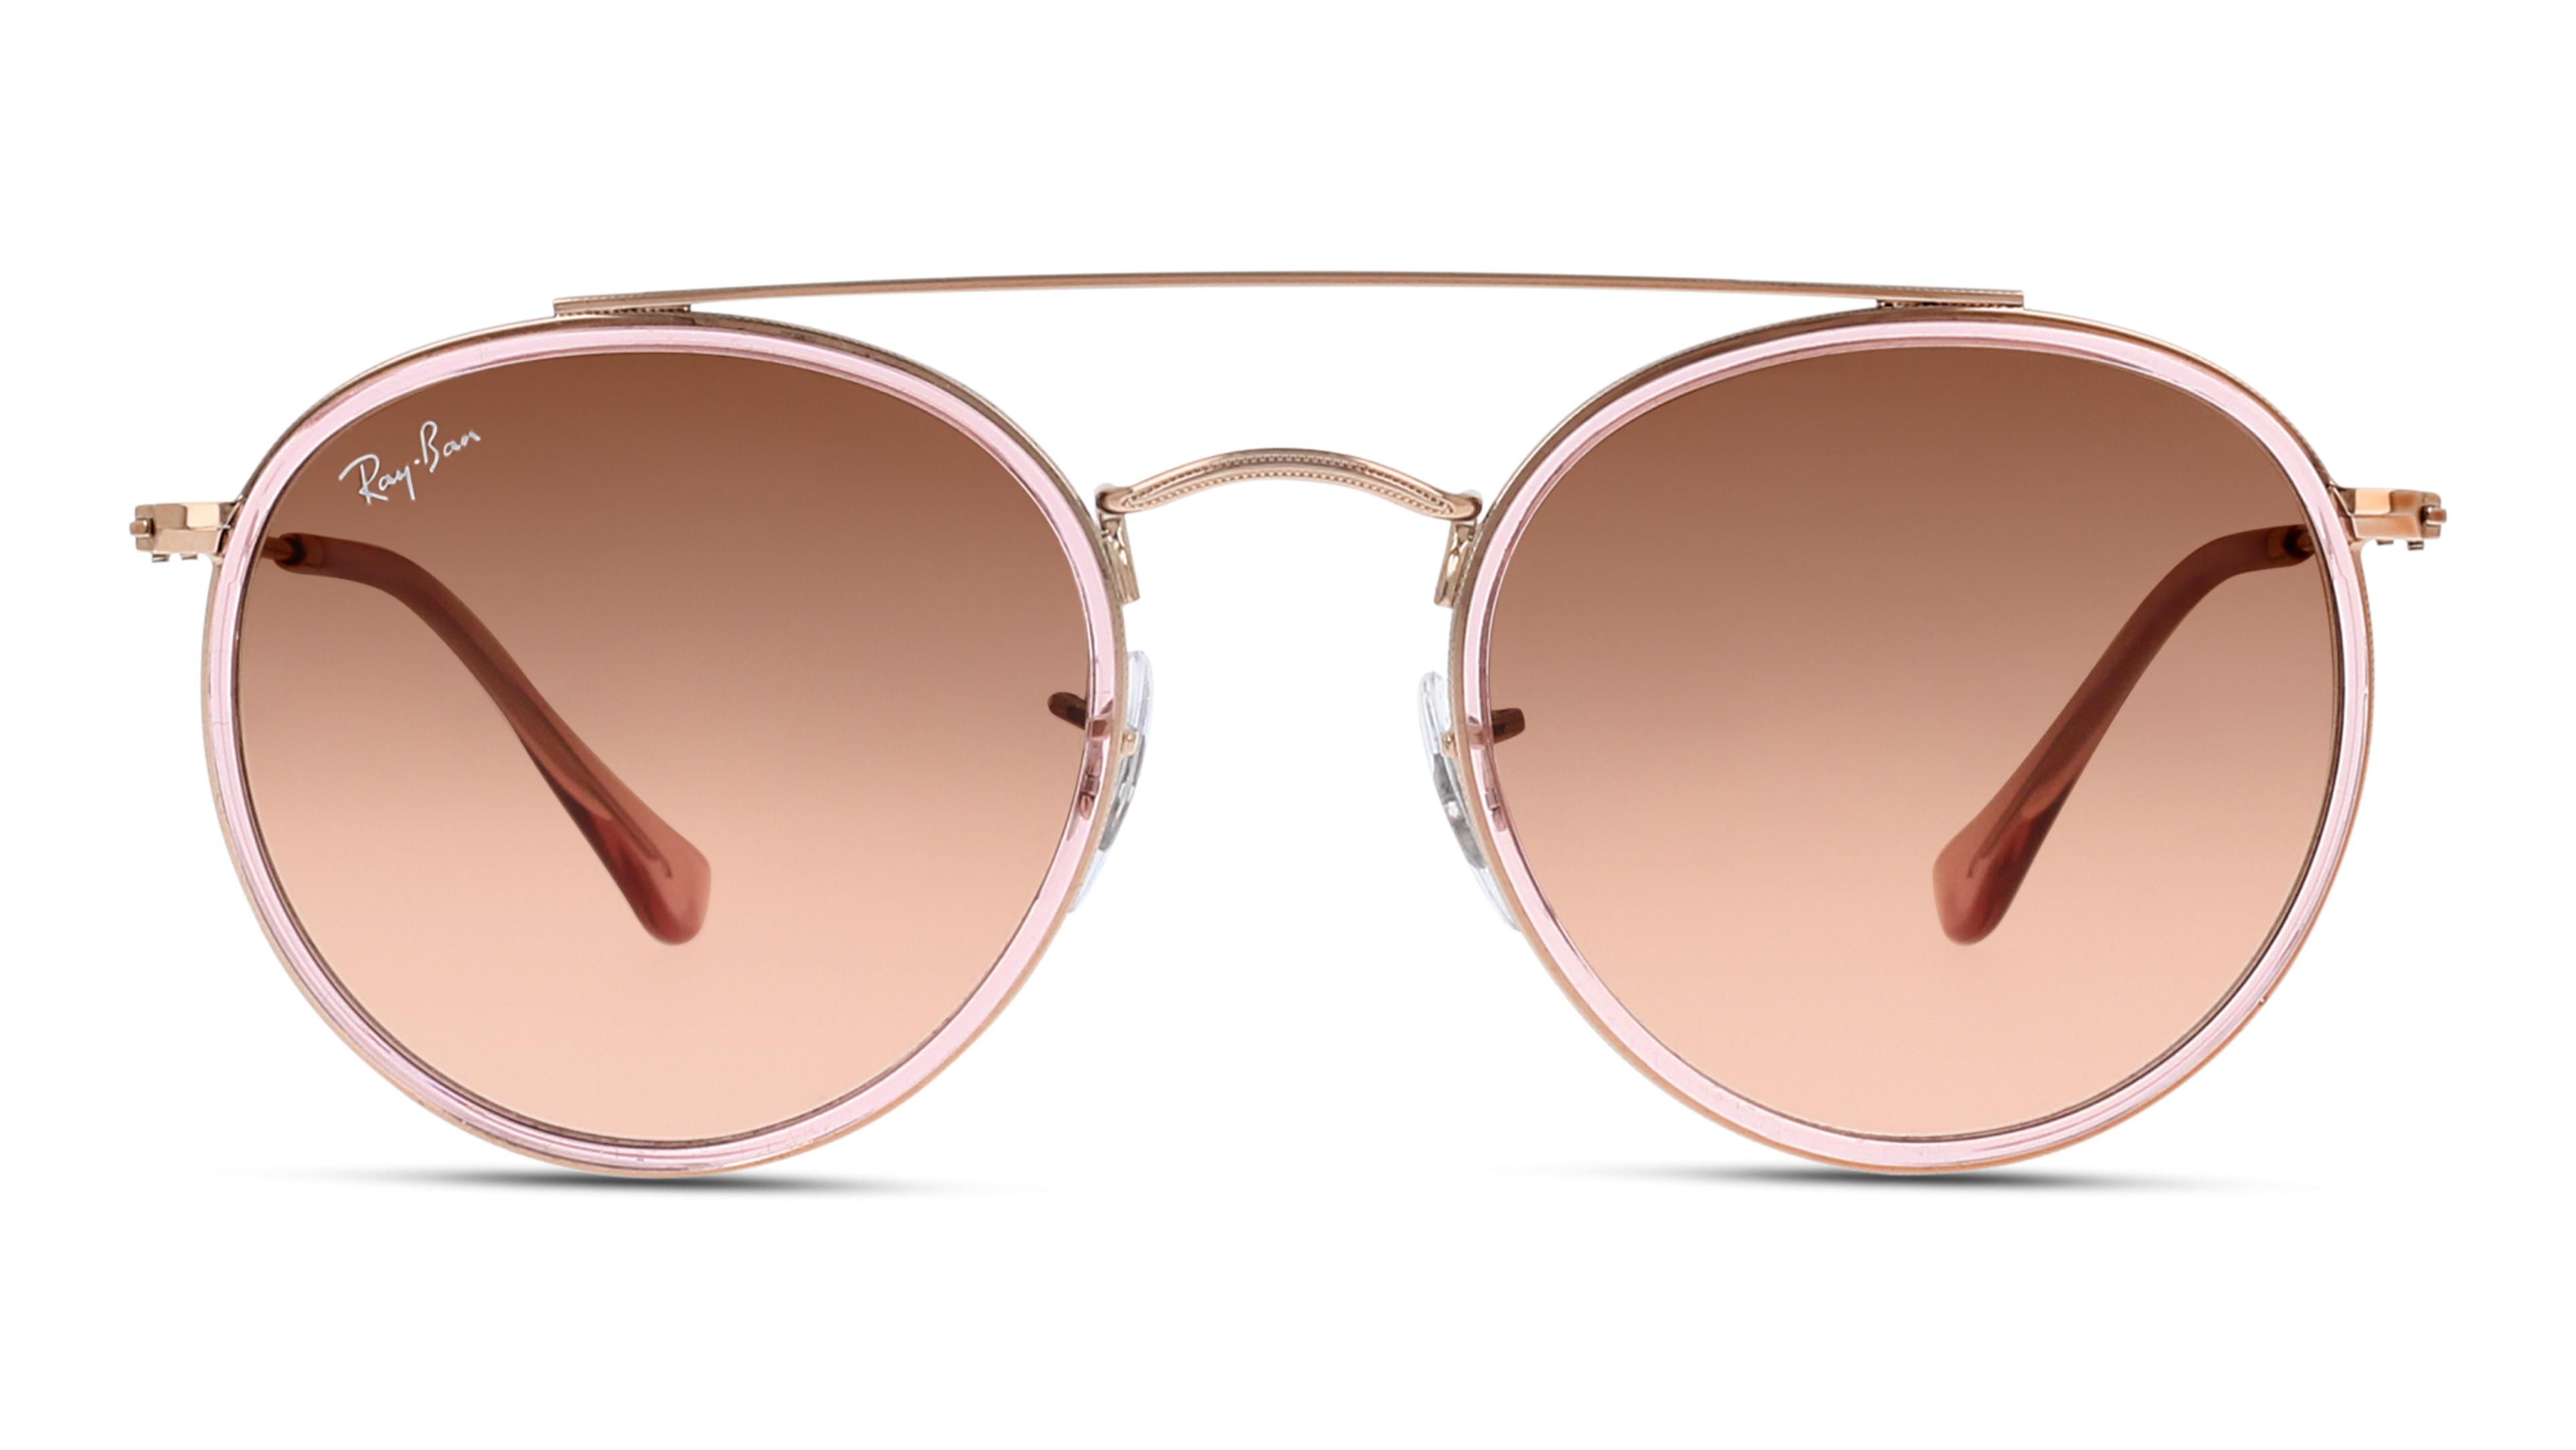 8053672834338-front-01-rayban-glasses-eyewear-pair